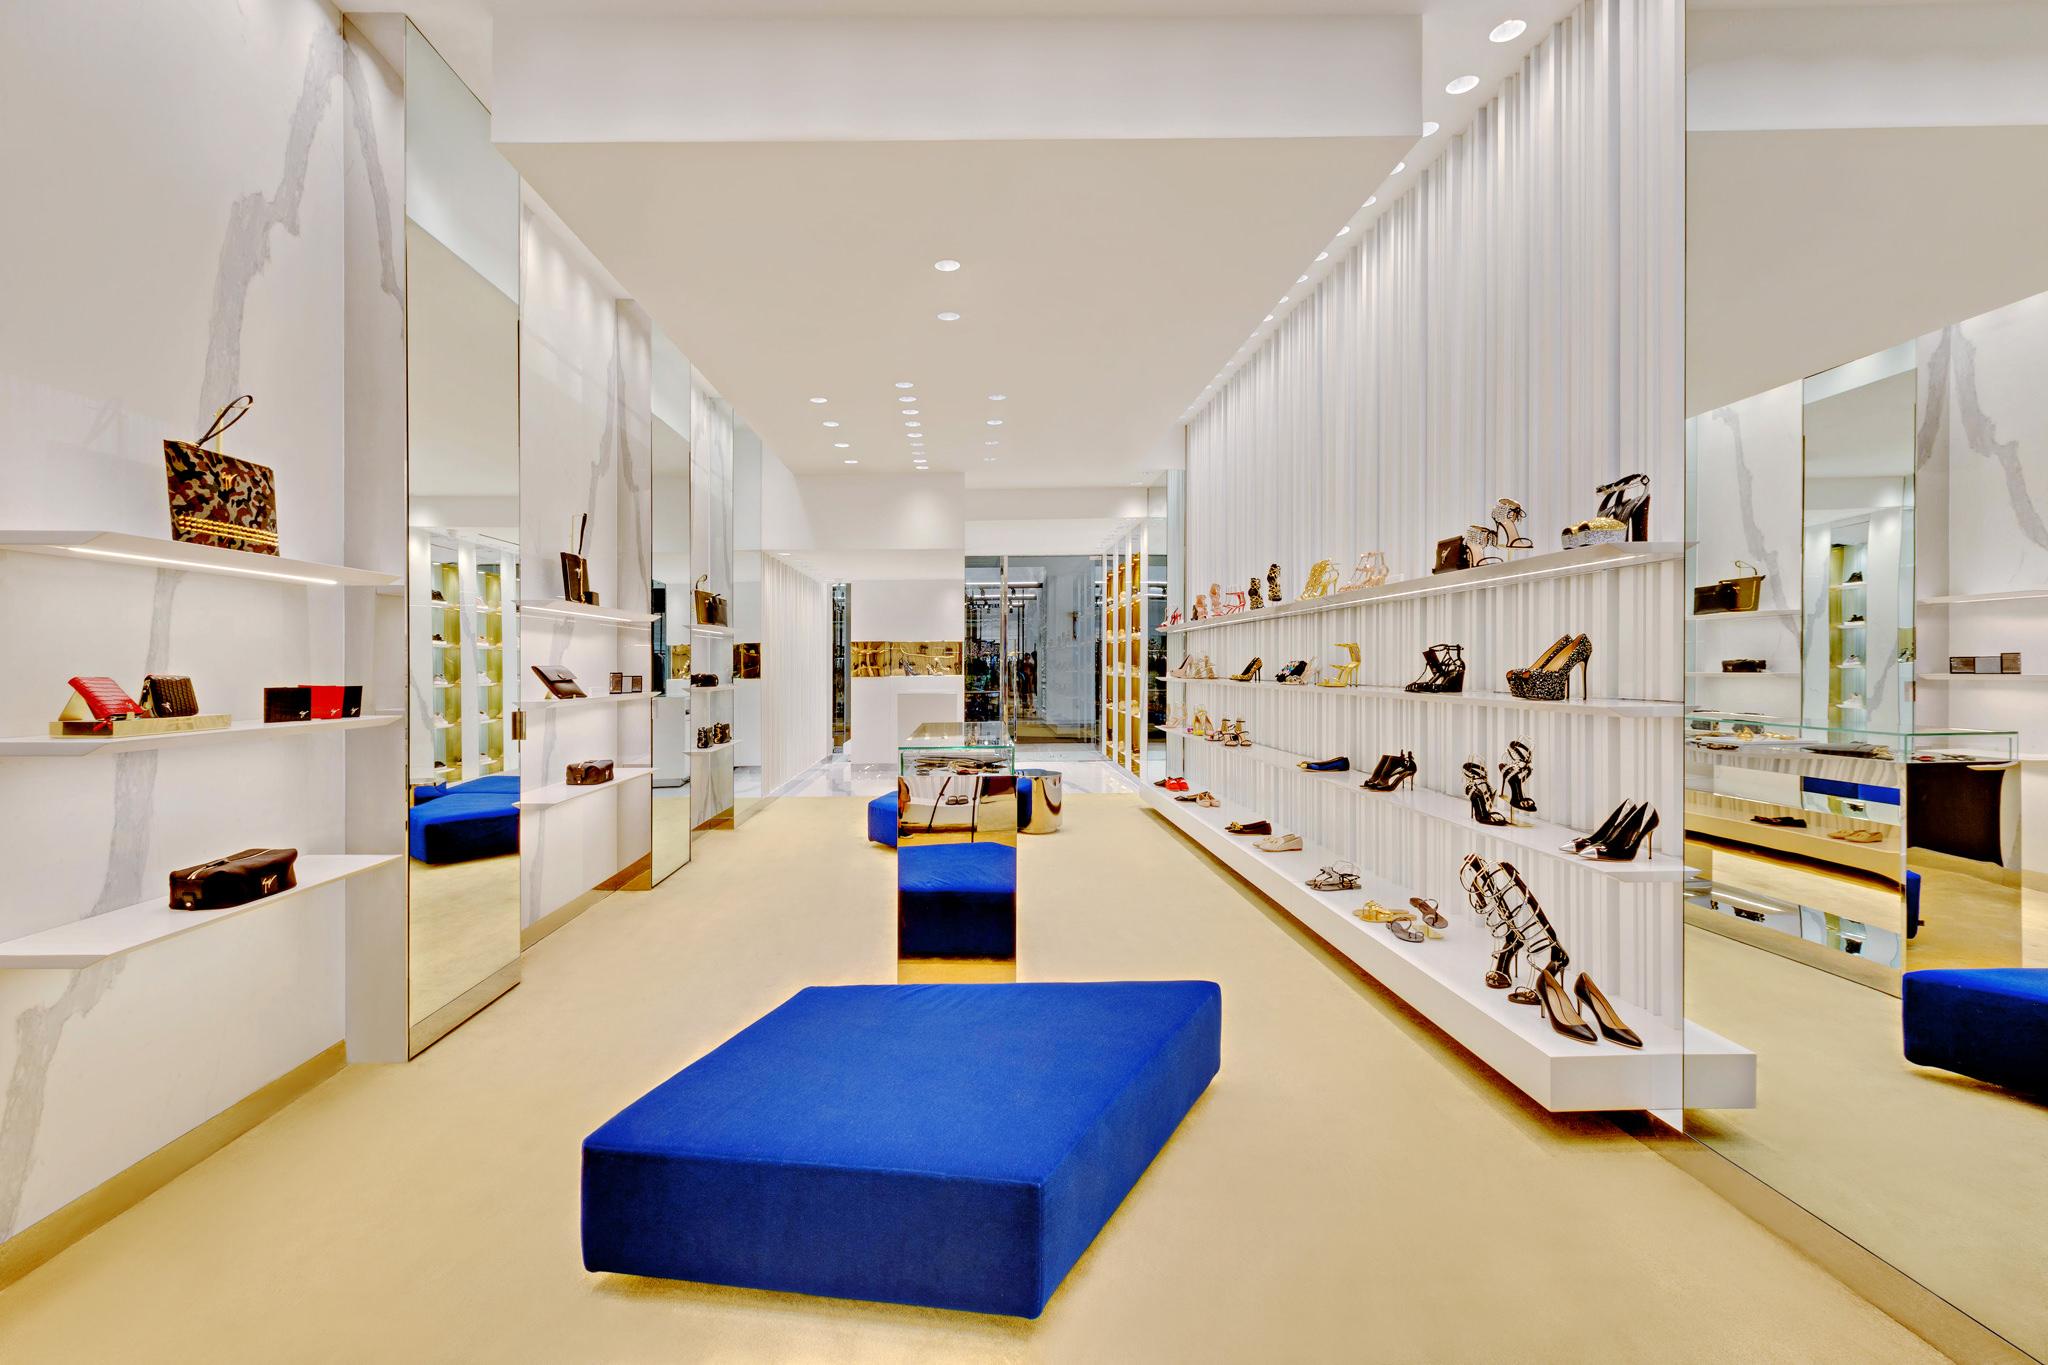 20170807 - Giuseppe Zanotti - HCM - Commercial - Interior - Store - Retouch 10.jpg